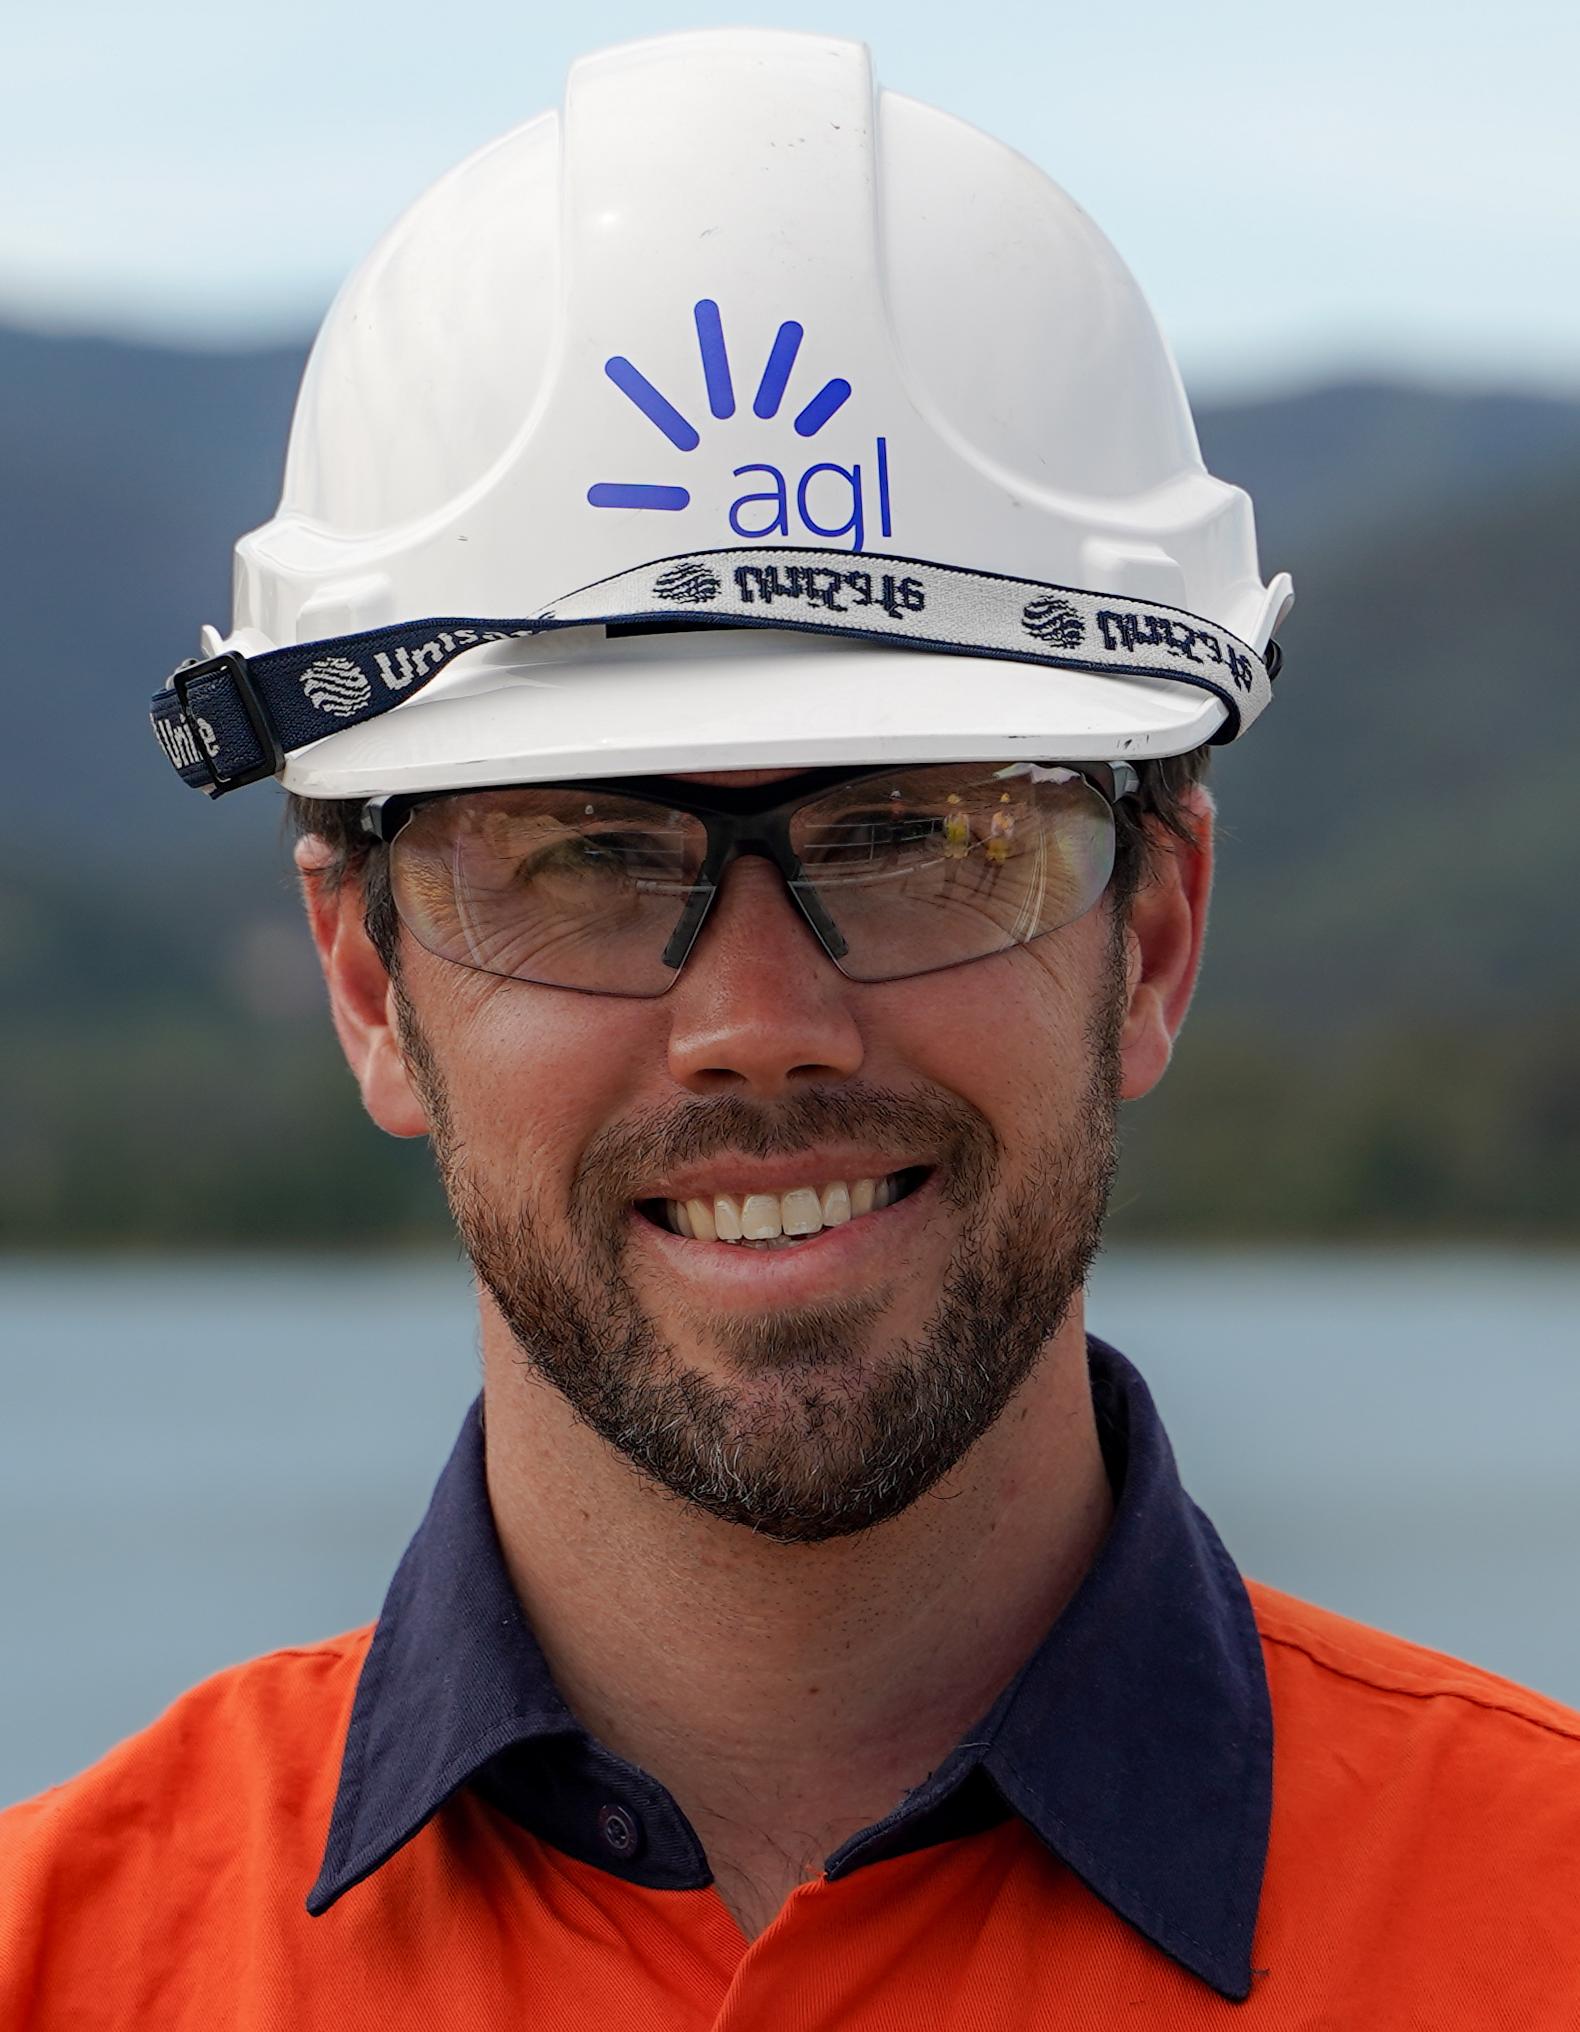 Simon Anderson – AGL profile photo